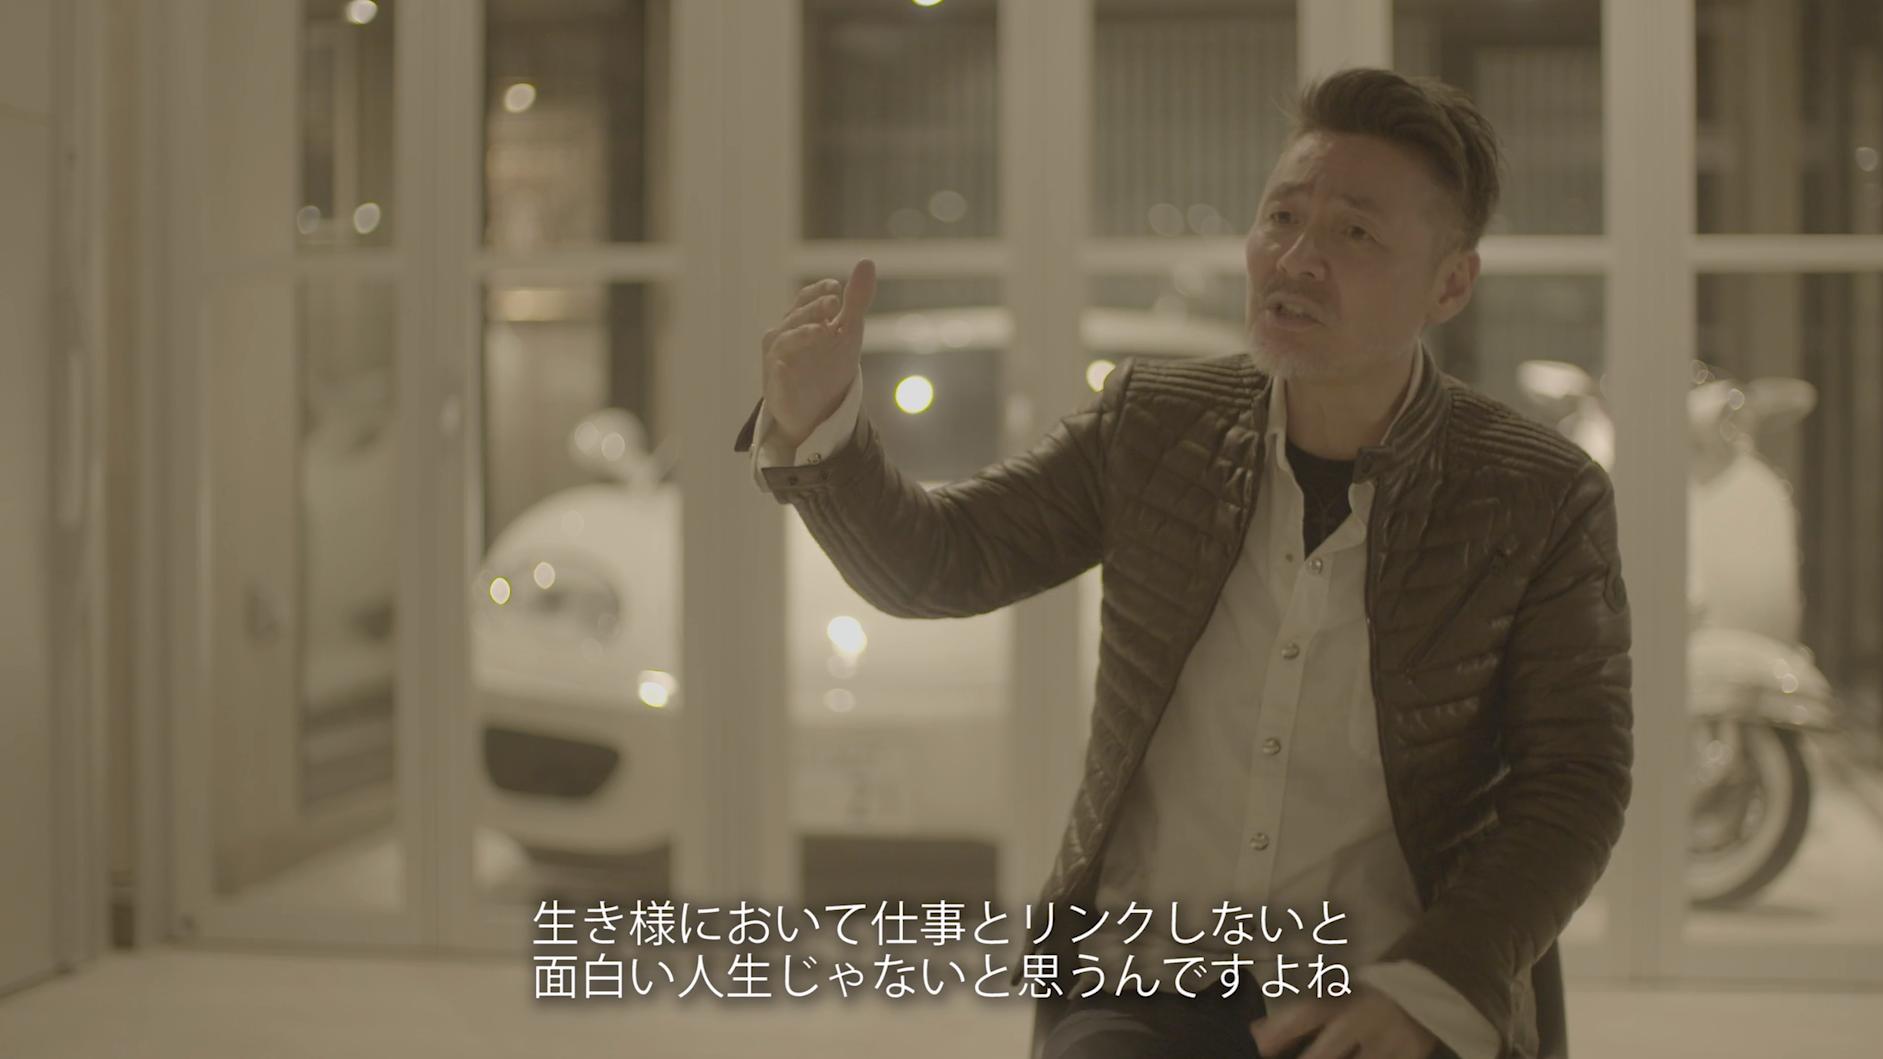 クムクム株式会社代表取締役 阿比留章雄